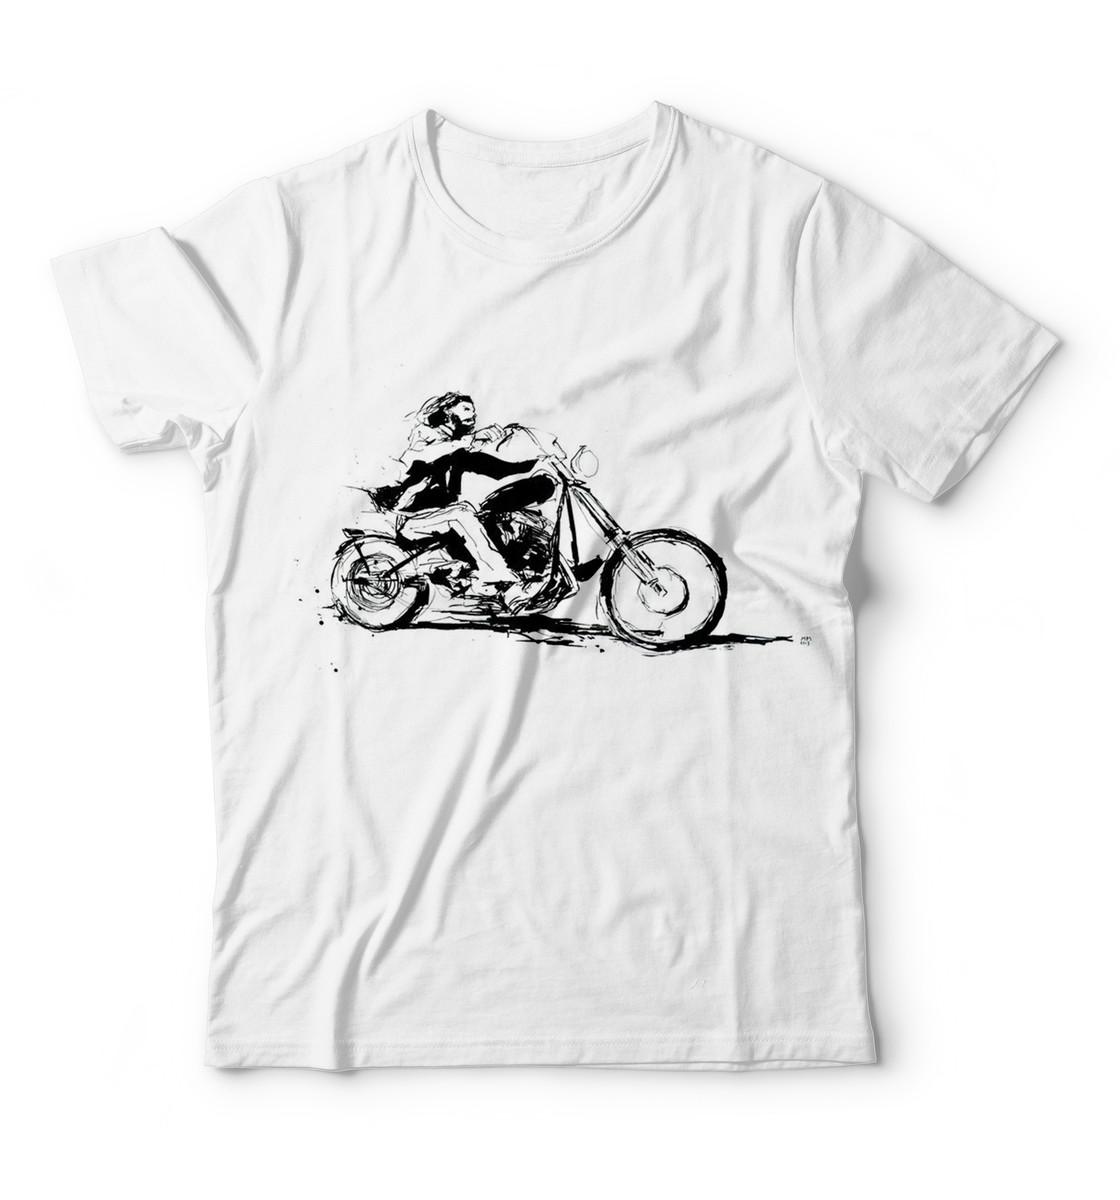 0467f8638 Camiseta Harley Davdsons Shadow Intruder Estampa de Moto Cam no Elo7 ...